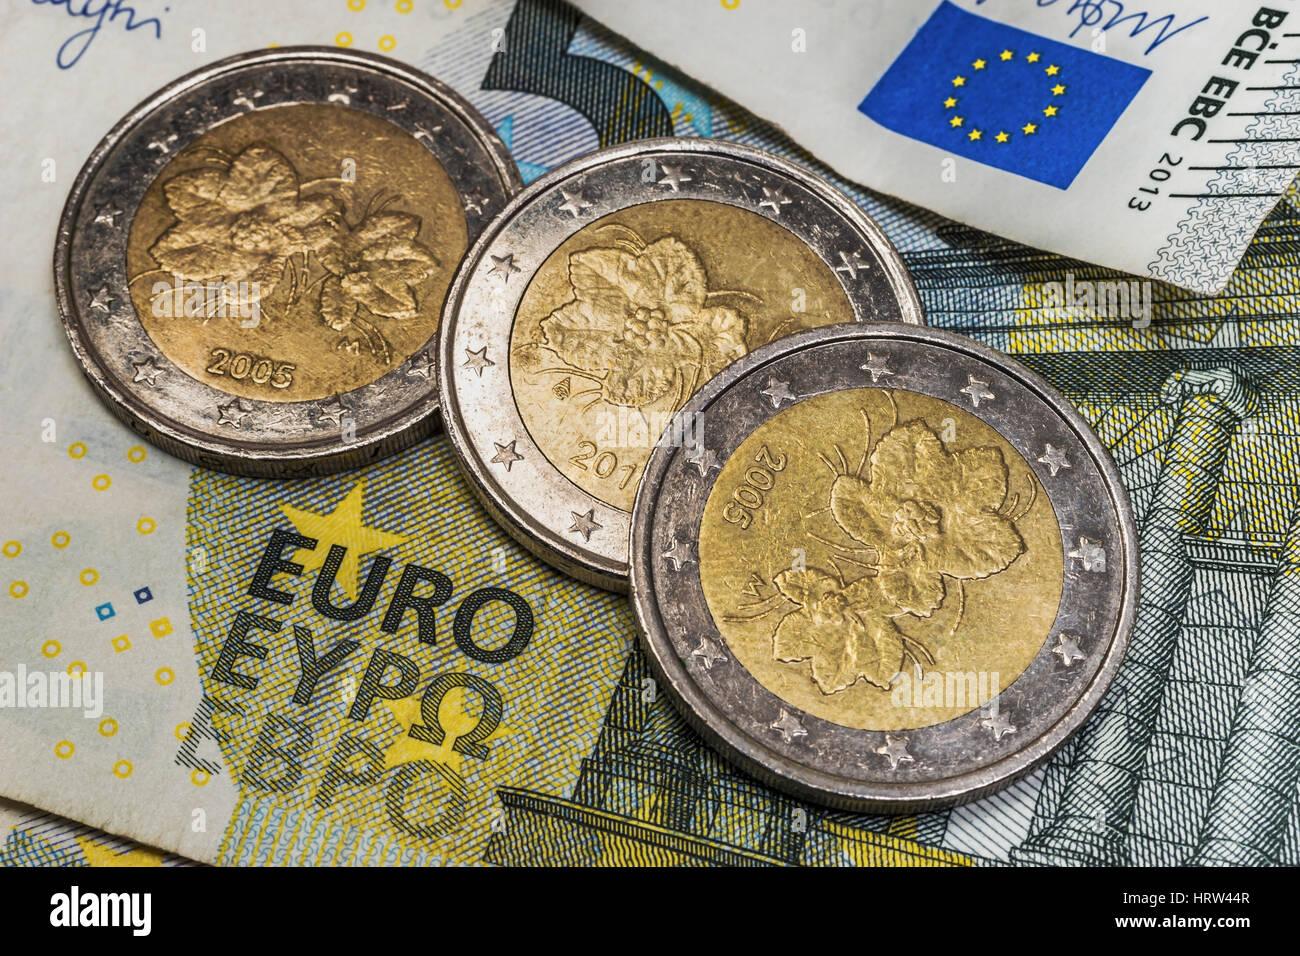 Auf Einer 5 Euro Banknote Stück Drei 2 Euro Muenzen Von Finnland